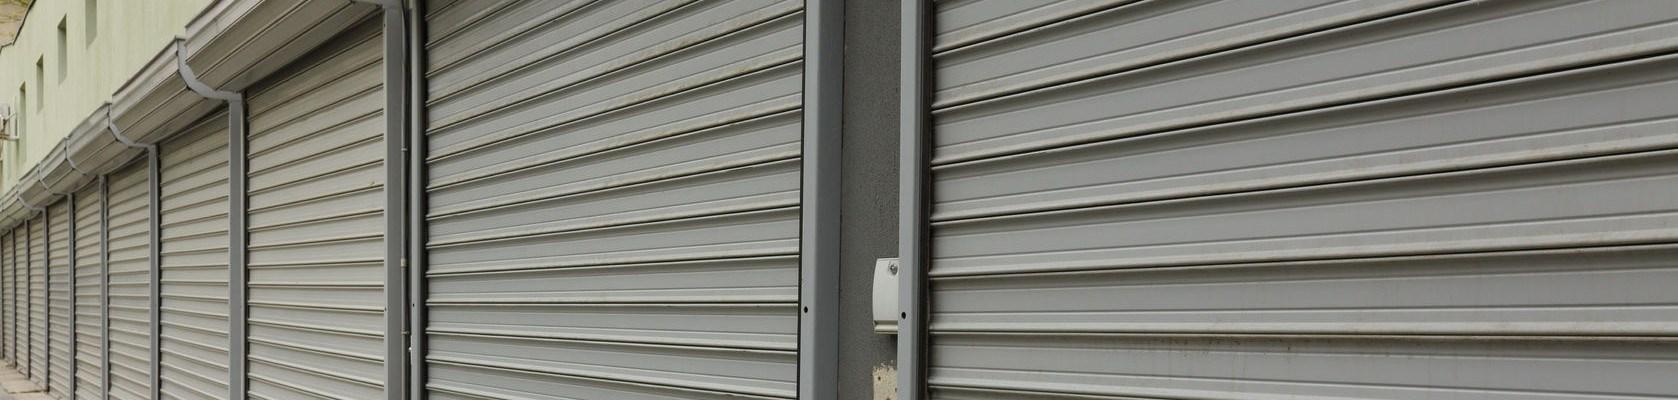 persianas metalicas horizontal - Persianas metálicas barcelona Persianas local negocio